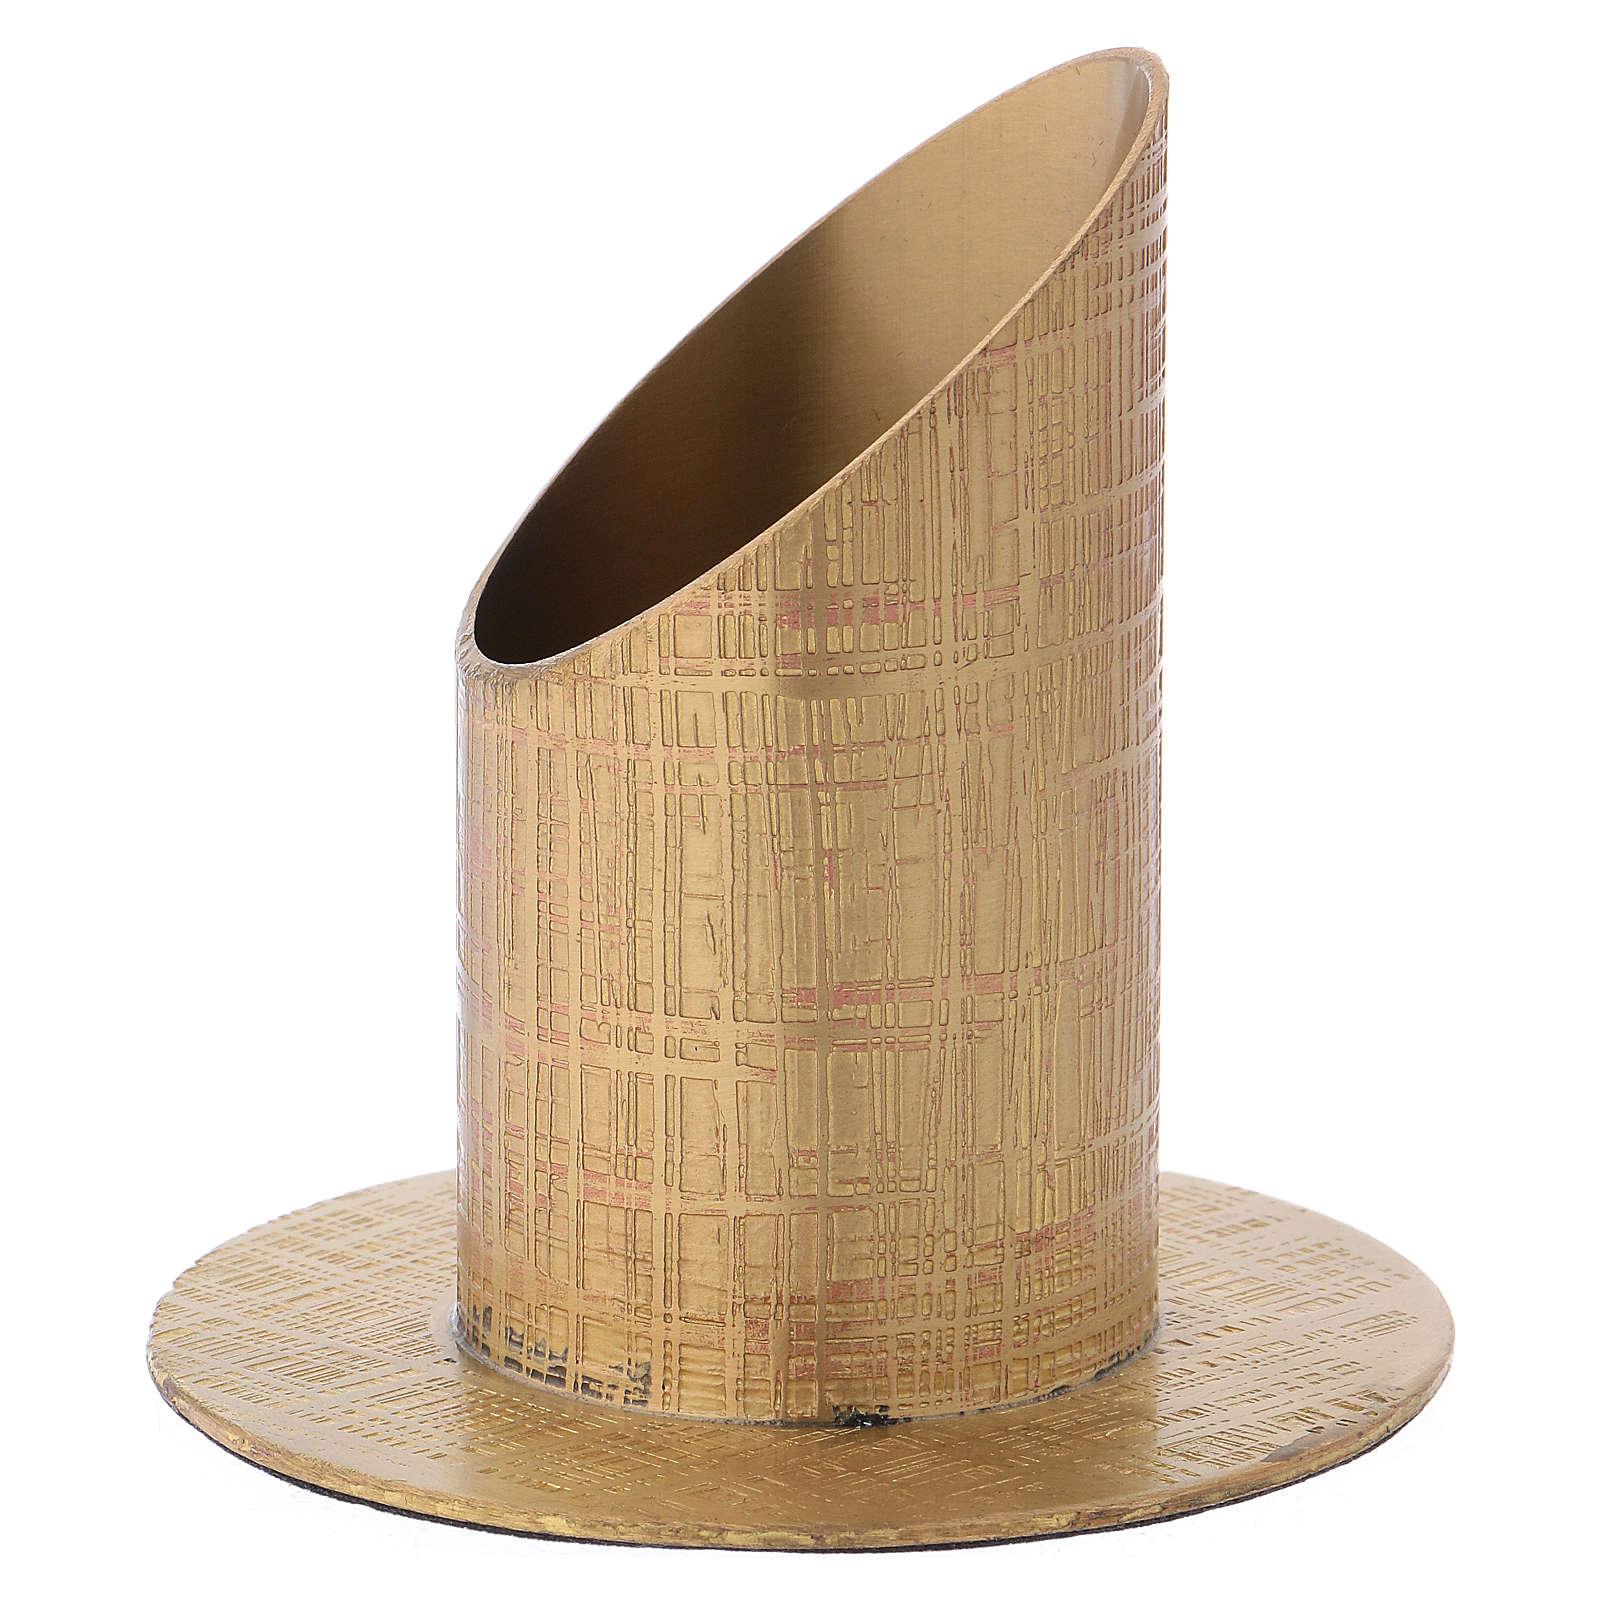 Porte-bougie laiton doré surface gravée 4